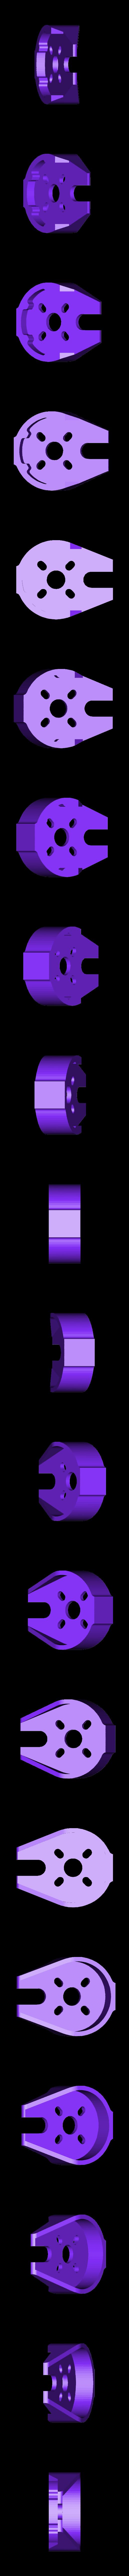 x210_MotorProtection_01.stl Télécharger fichier STL gratuit Realacc X210 pod (qav-x). Racing Quad N!PodWE • Modèle imprimable en 3D, alexlpr